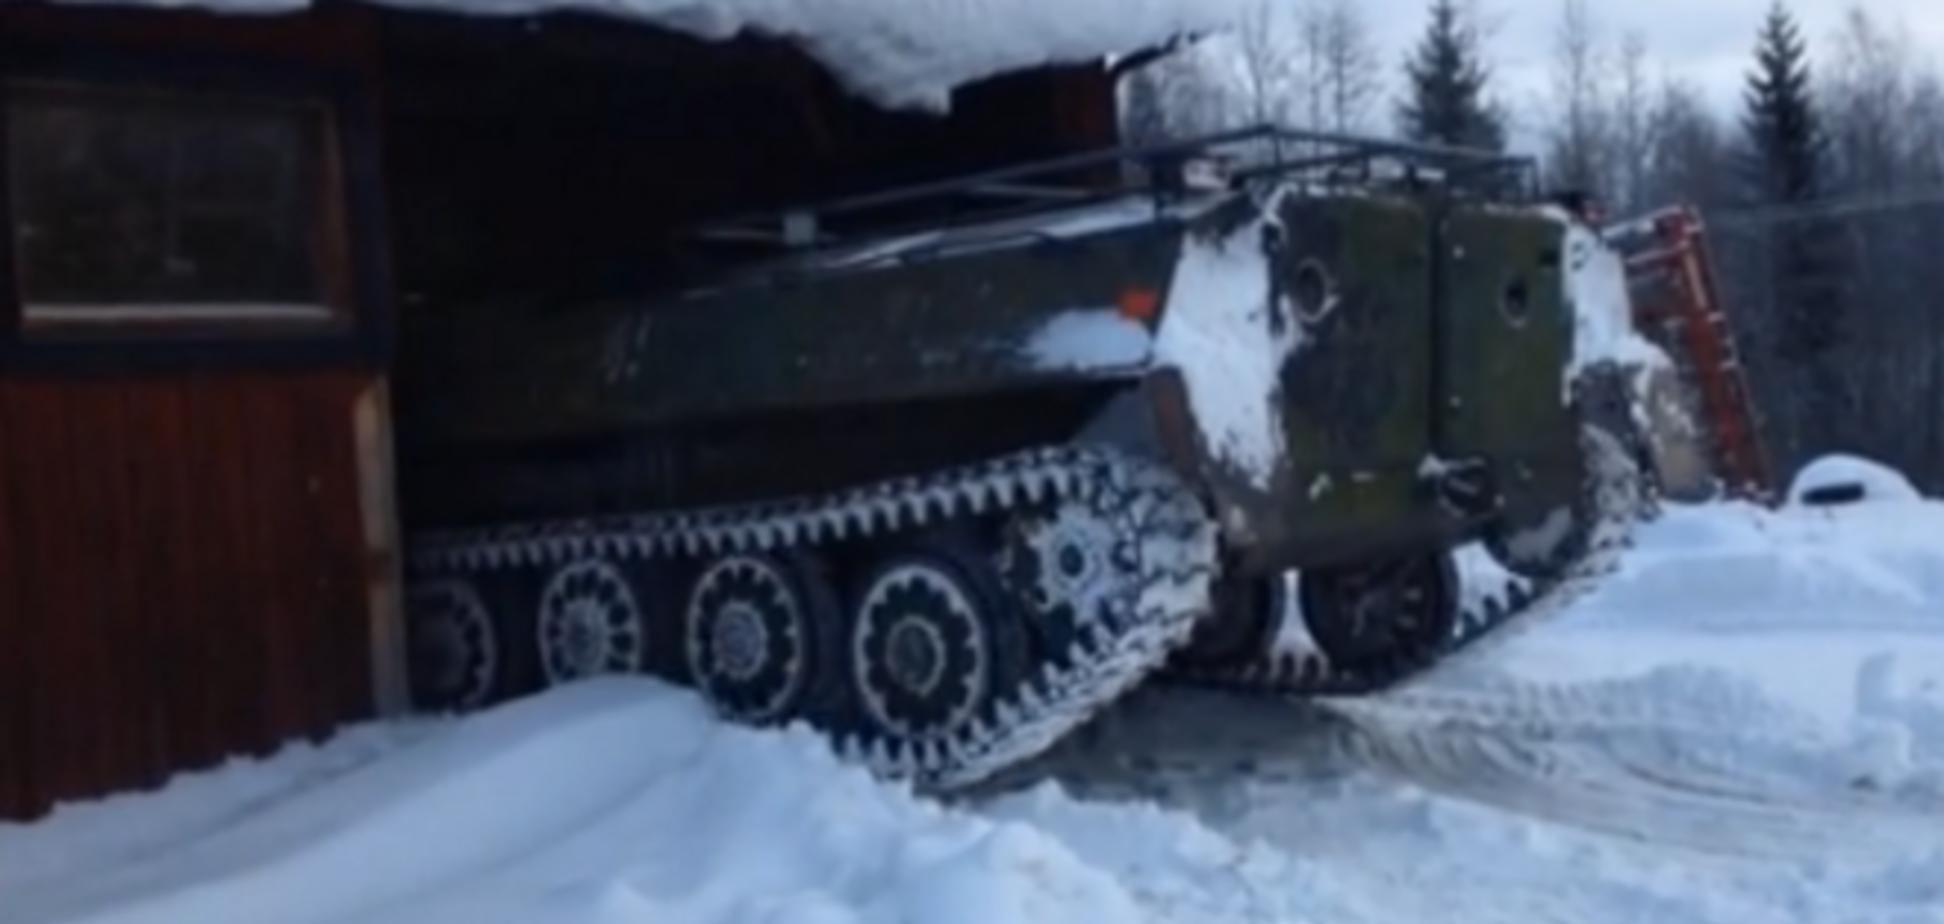 Шведи купують радянські танки для зимових забав: відео 'розваг' з бронетехнікою